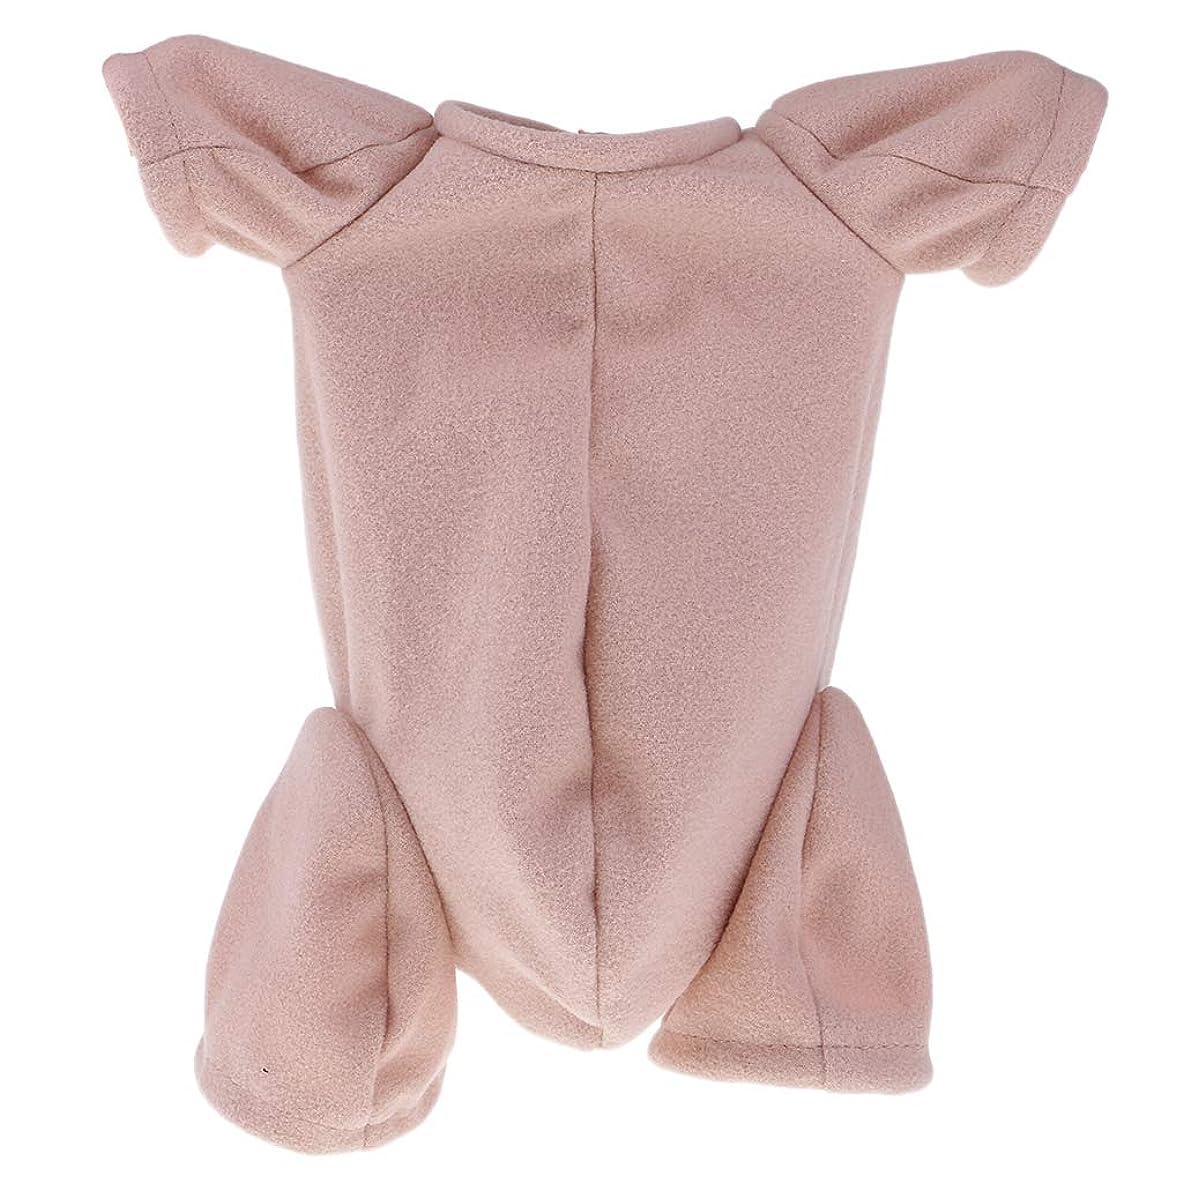 エゴマニアスリーブ校長Tachiuwa 18インチリボーンベビー用 人形ボディ 布体 布のボディ 固定バンド付 新生児用ドール 適用